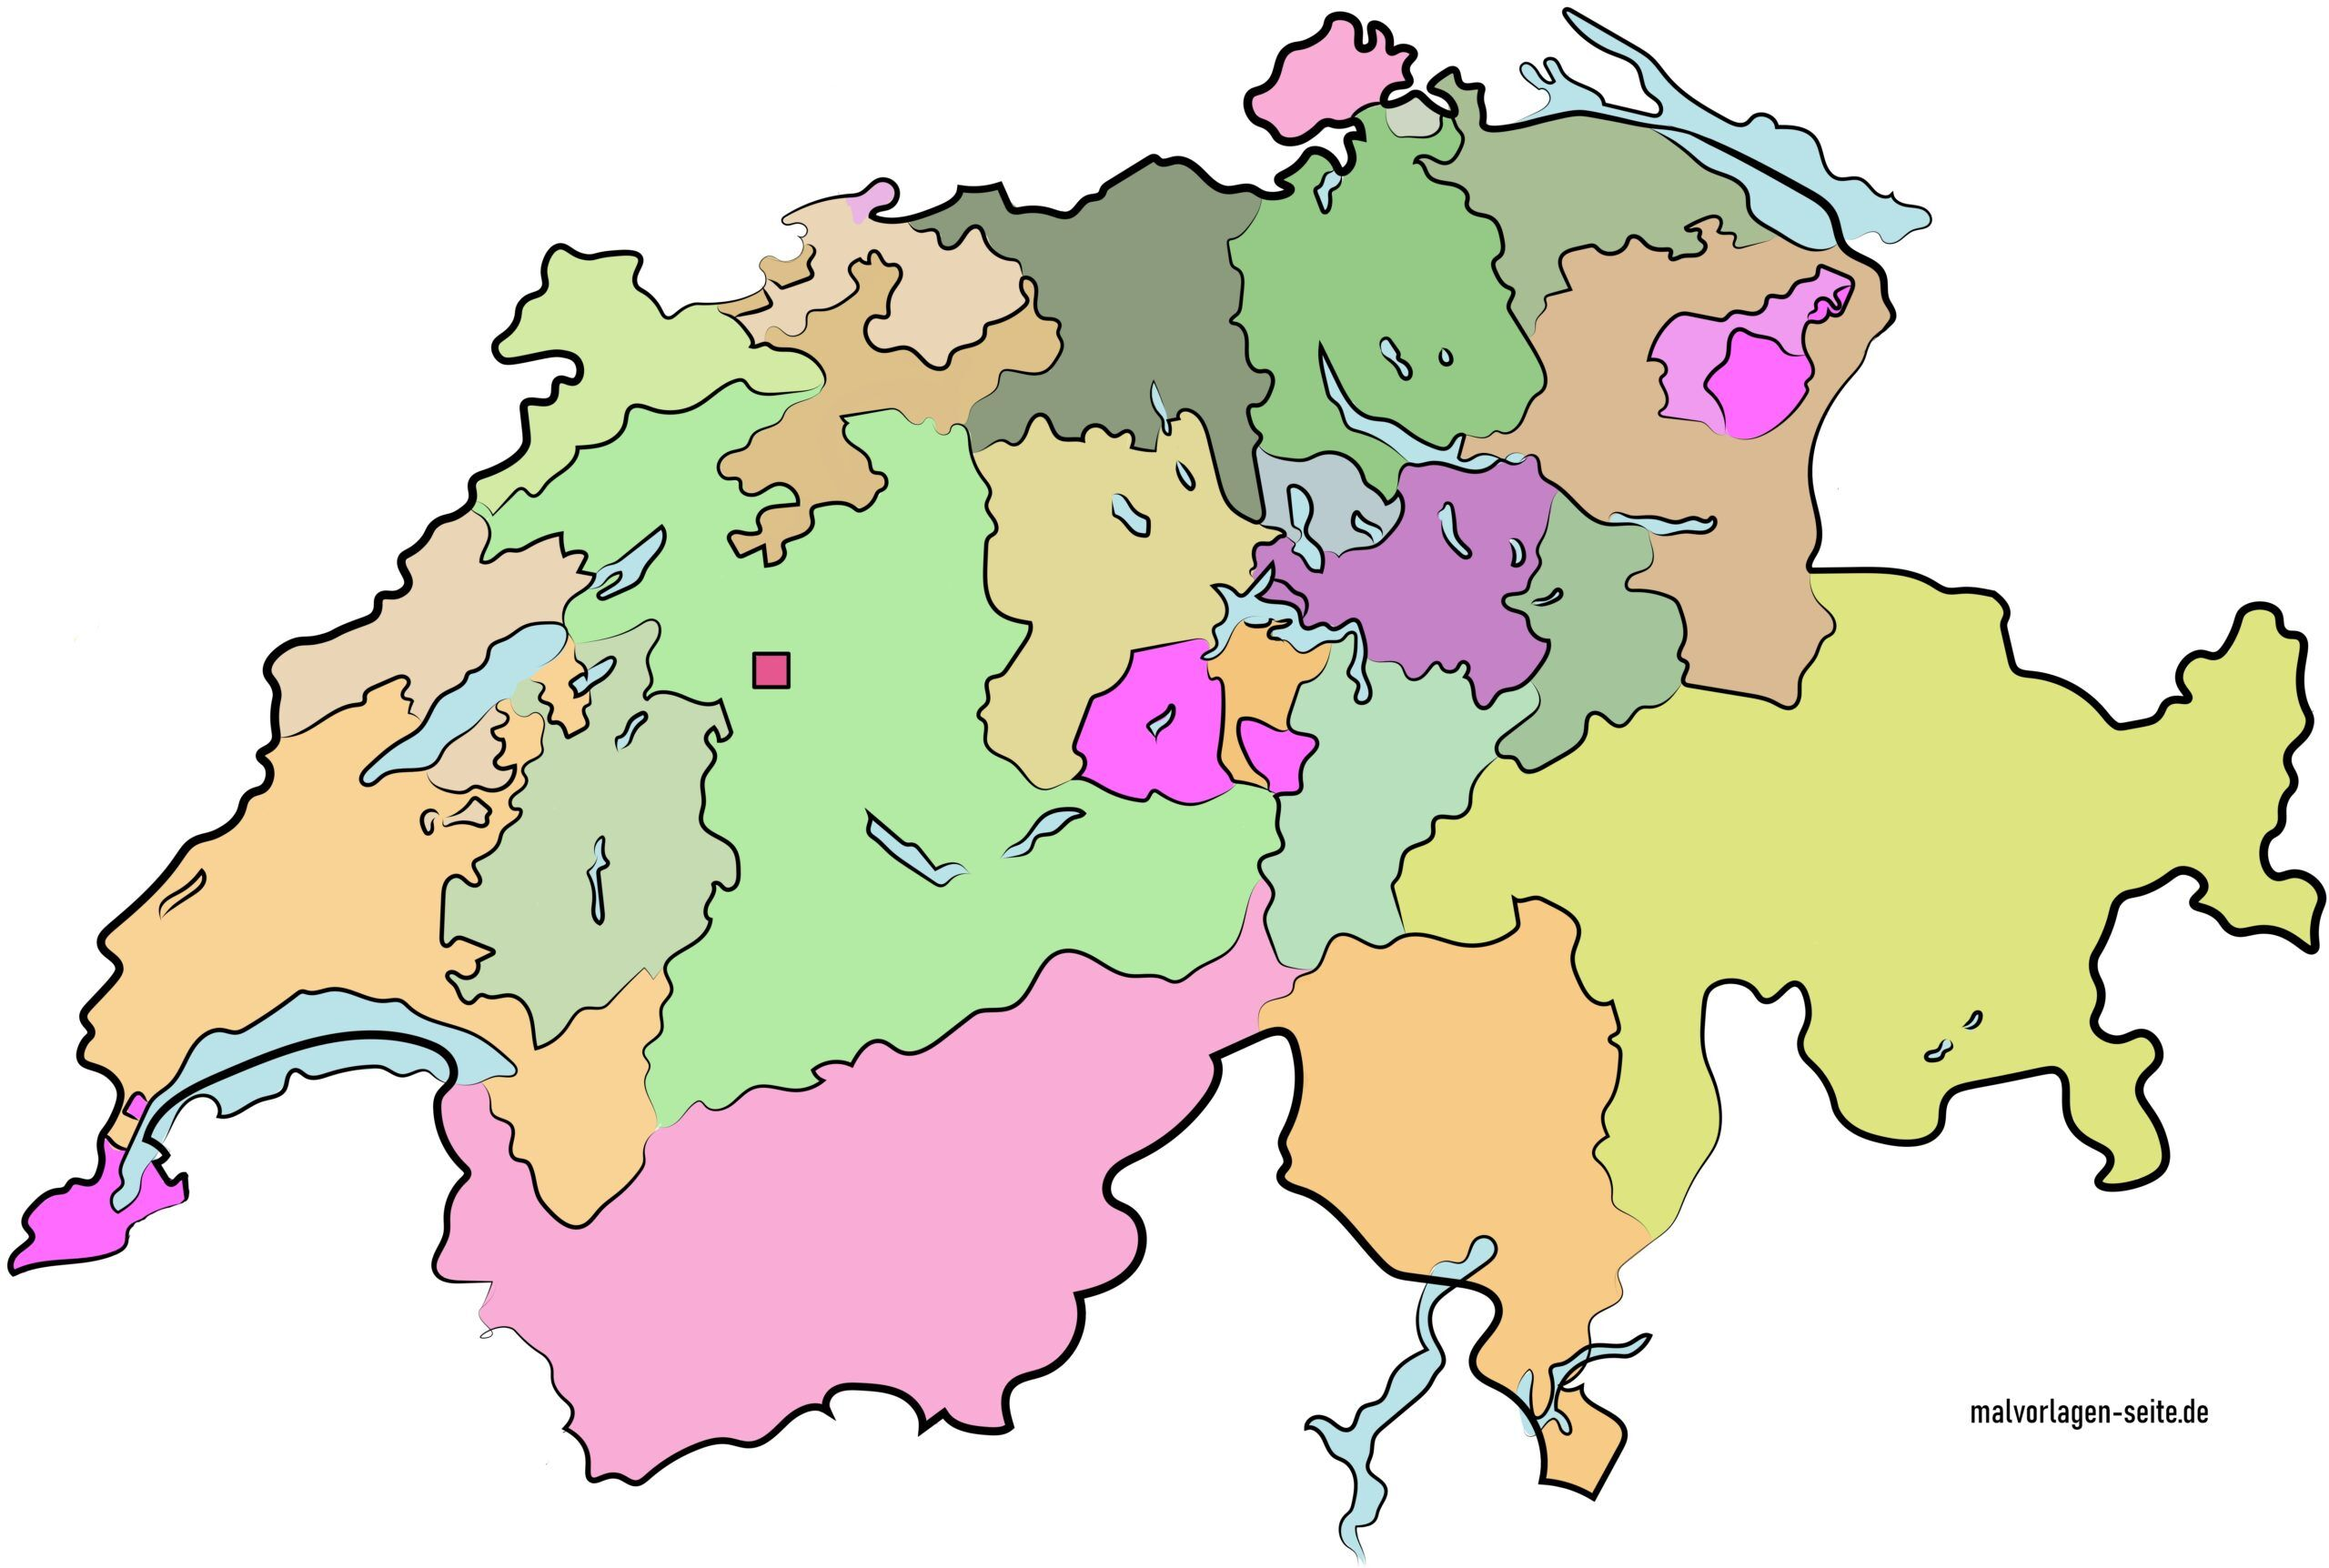 Cartina Politica Svizzera Cantoni.Una Panoramica Dei Cantoni Della Svizzera E Delle Loro Capitali